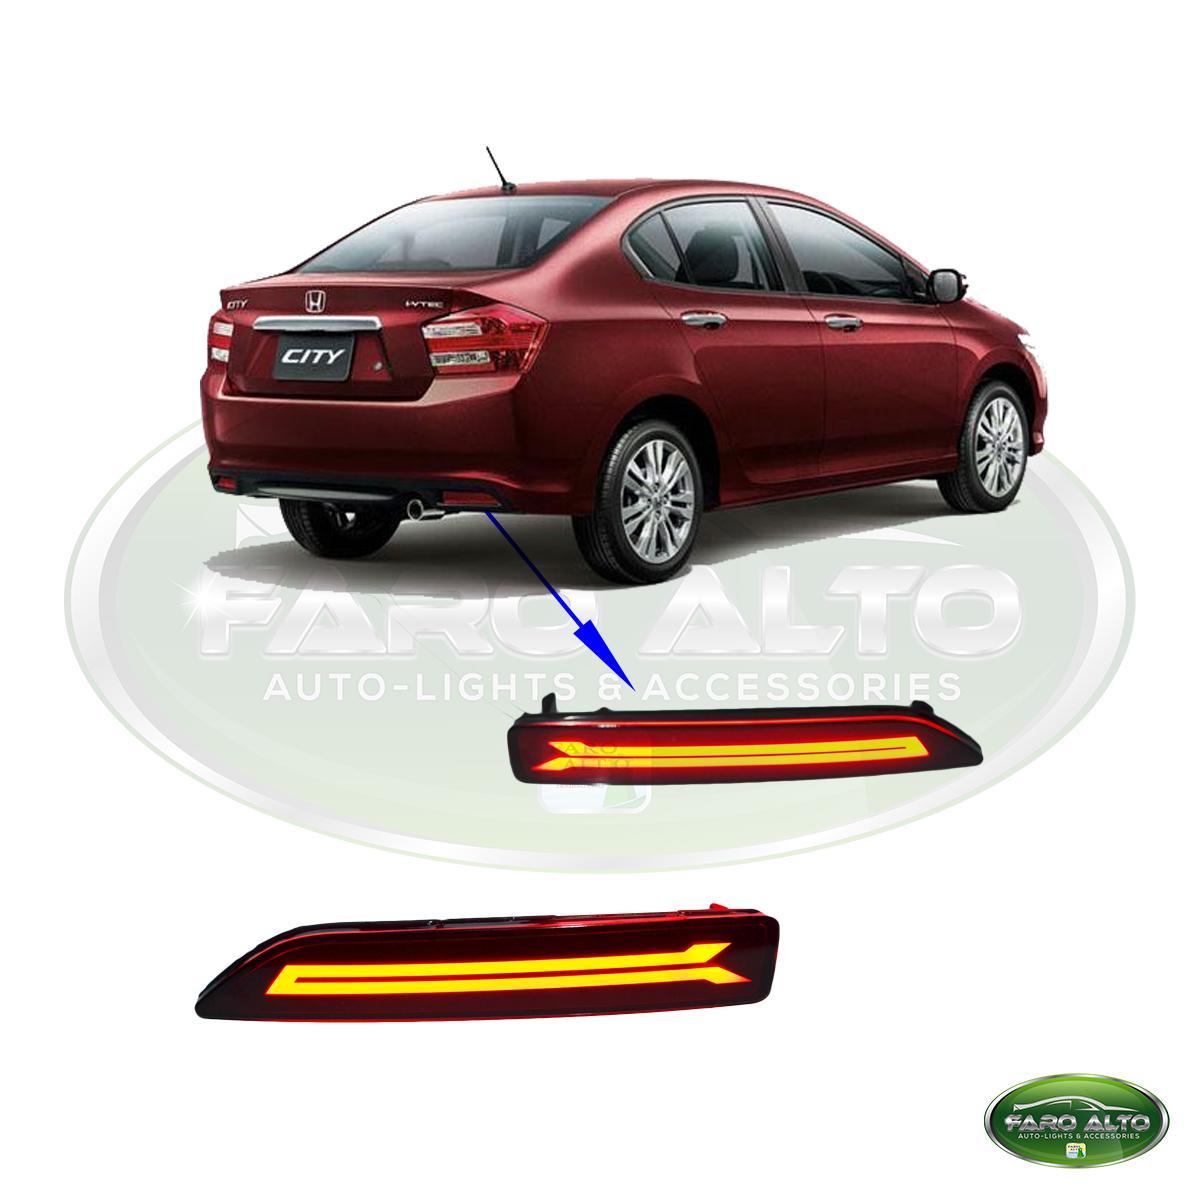 Honda City 2012 2013 2014 Rear Bumper Light By Faro Alto Auto-Lights & Accessories.